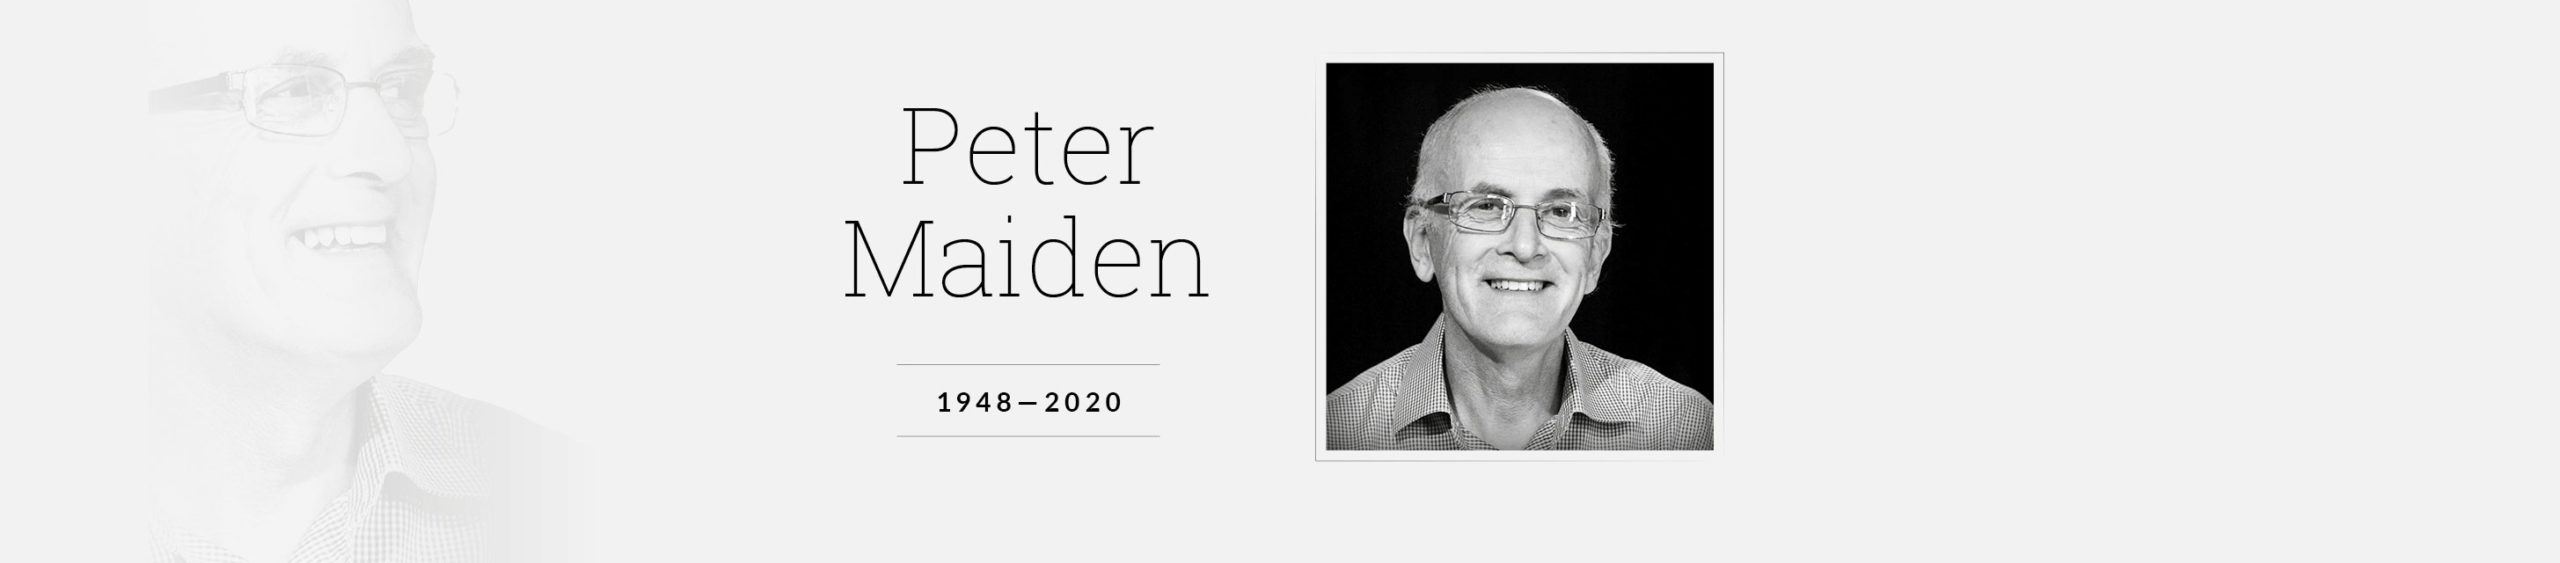 http://ompolska.org/wp-content/uploads/2020/07/peter_3-scaled.jpg